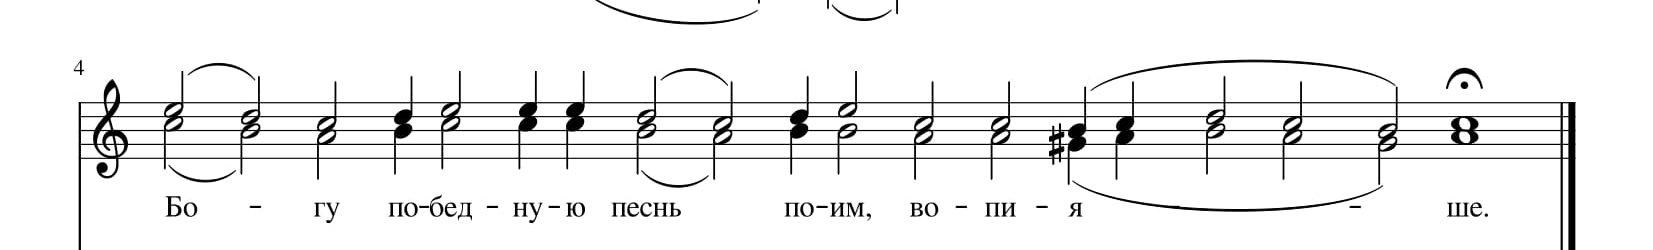 Ирмосы воскреснные 6 глас. Изложение иером. Афанасия